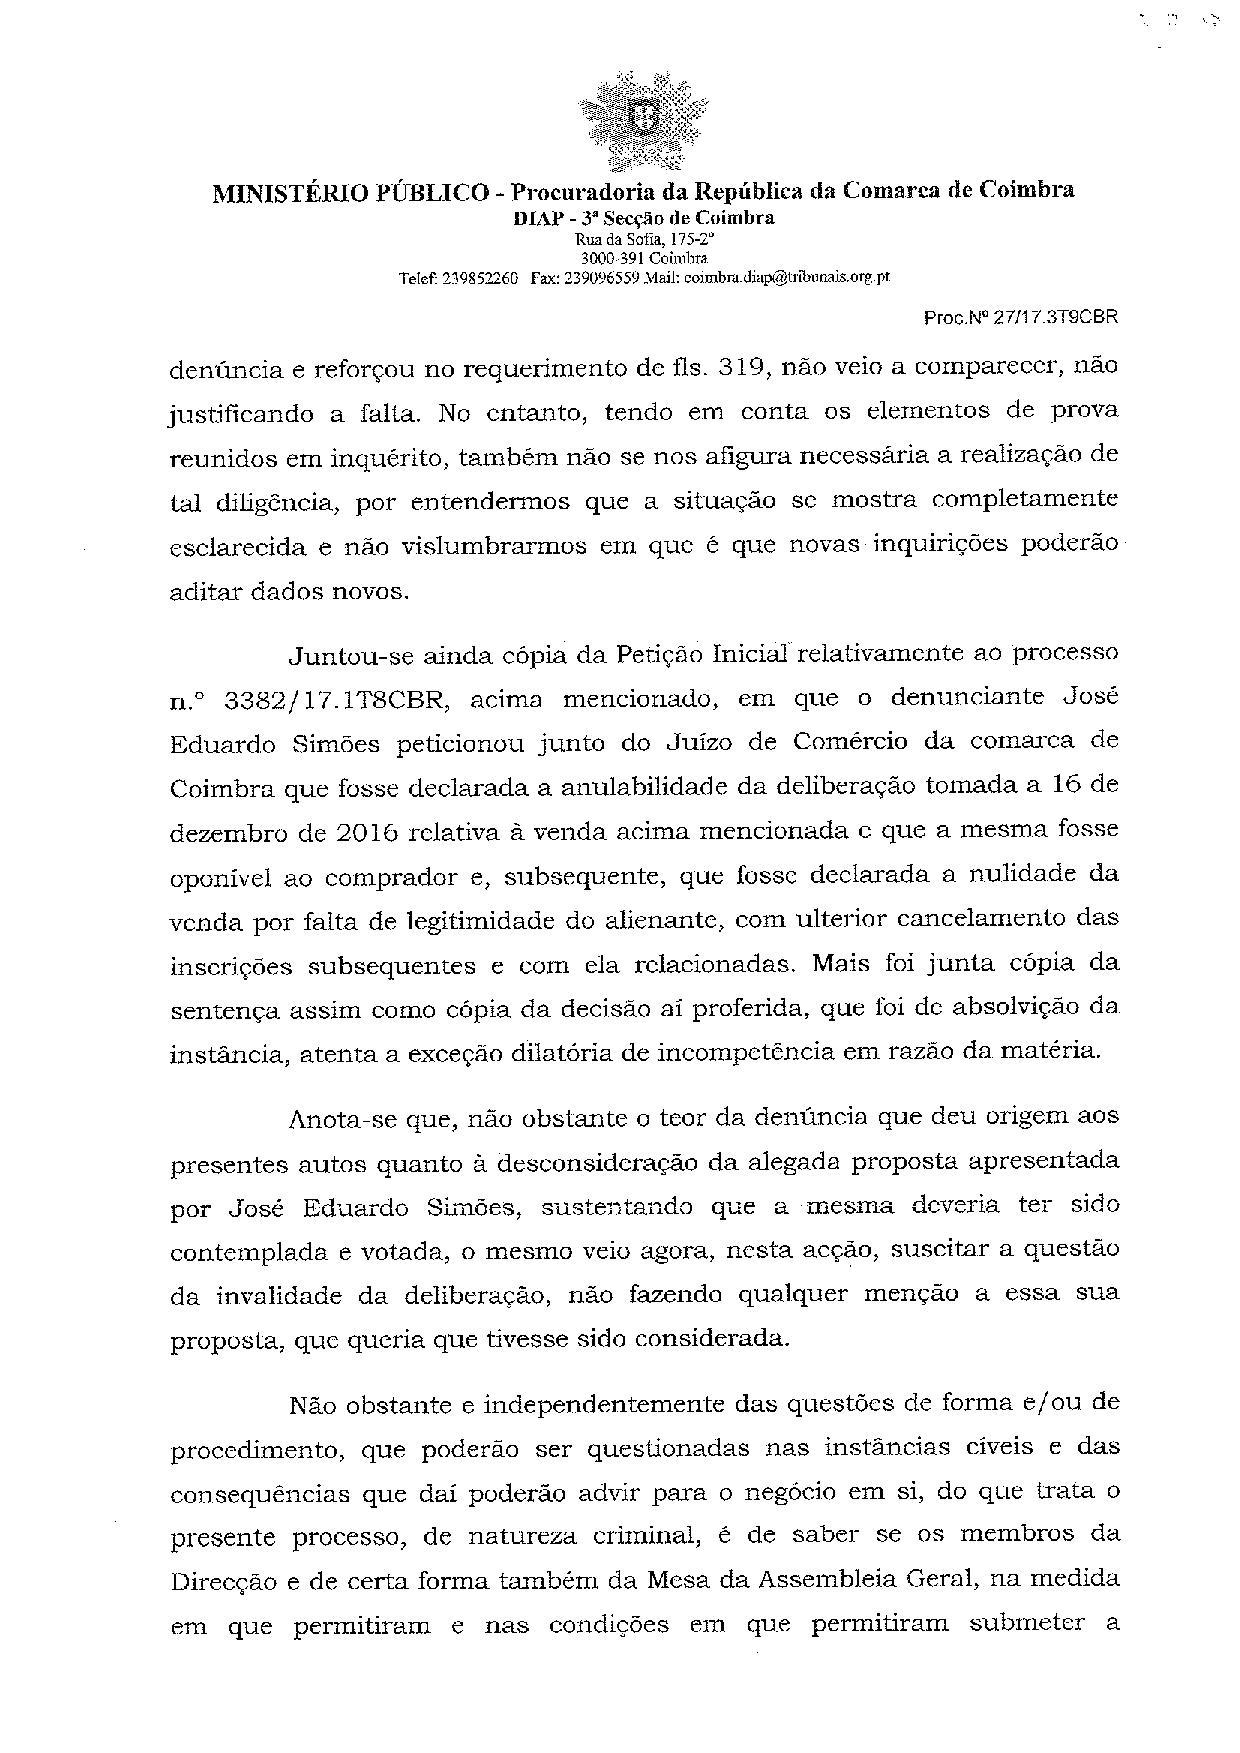 ACA-page-025